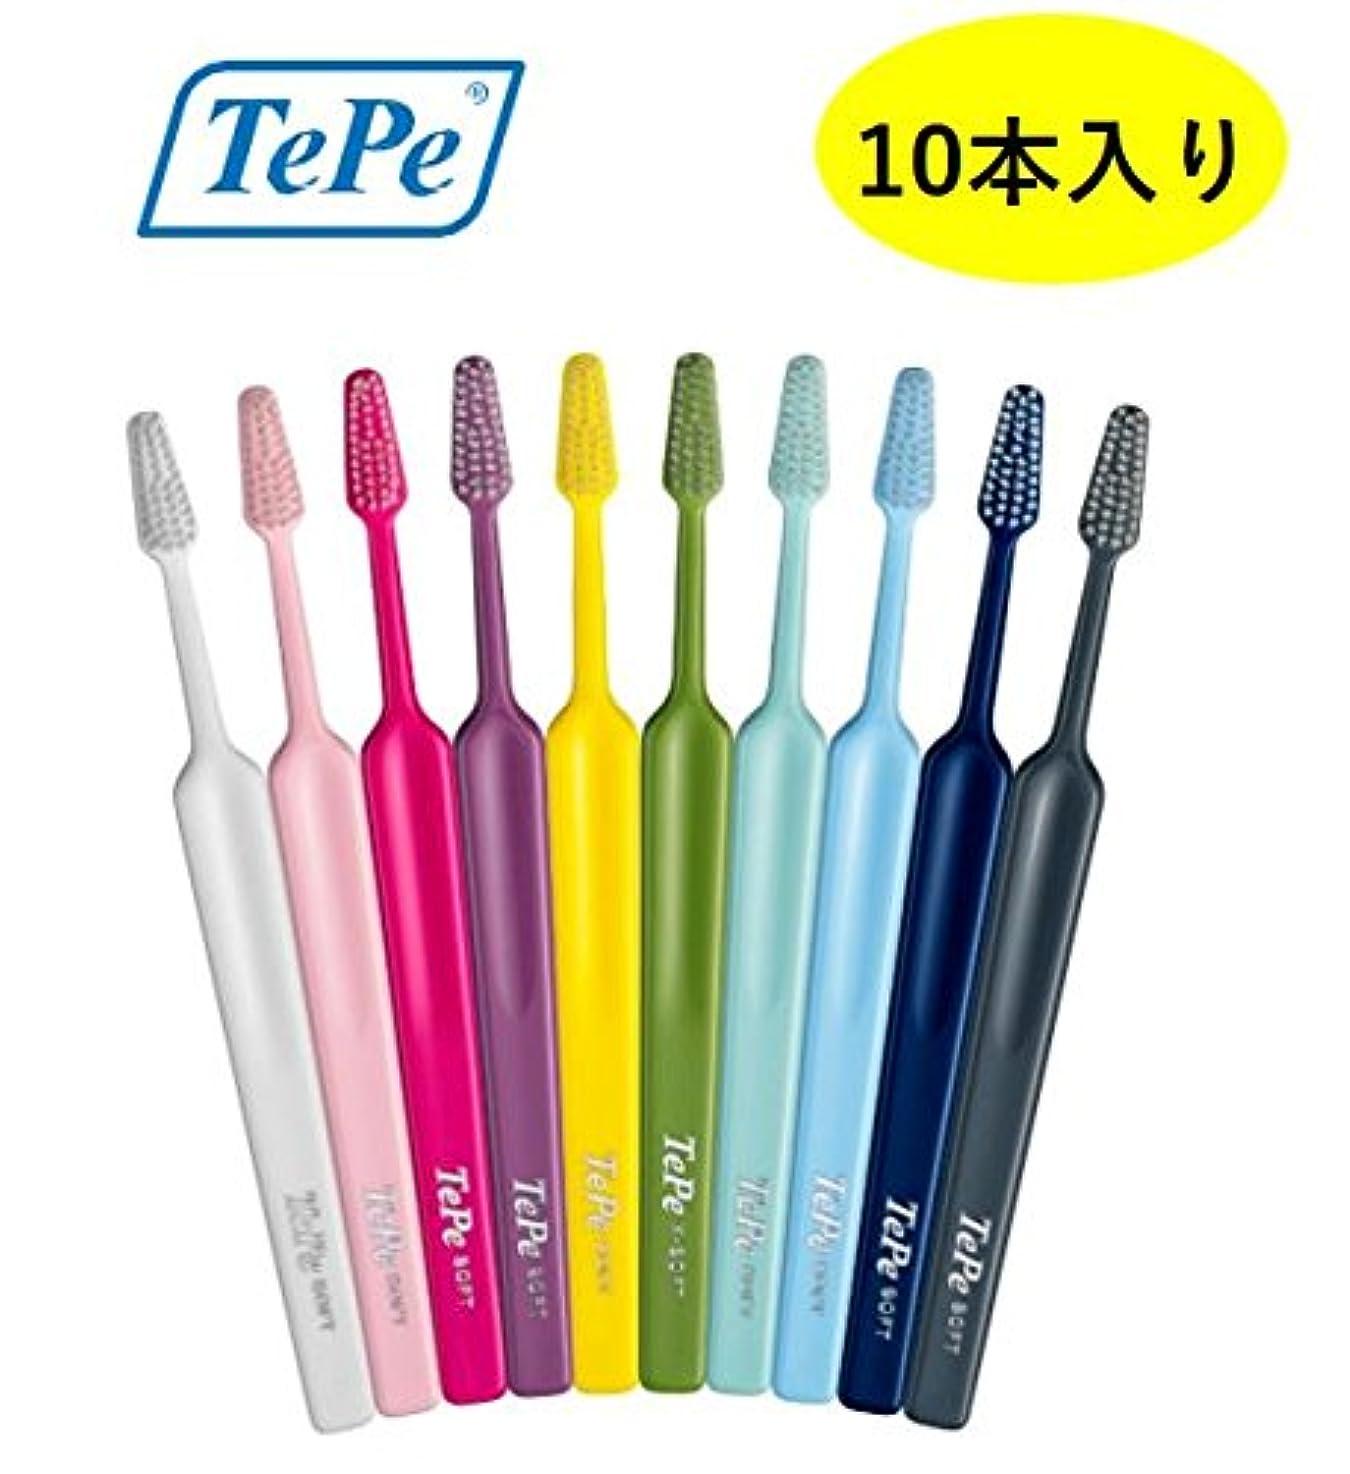 テペ コンパクト エクストラソフト(極やわらかめ) 10本 ブリスターパック TePe